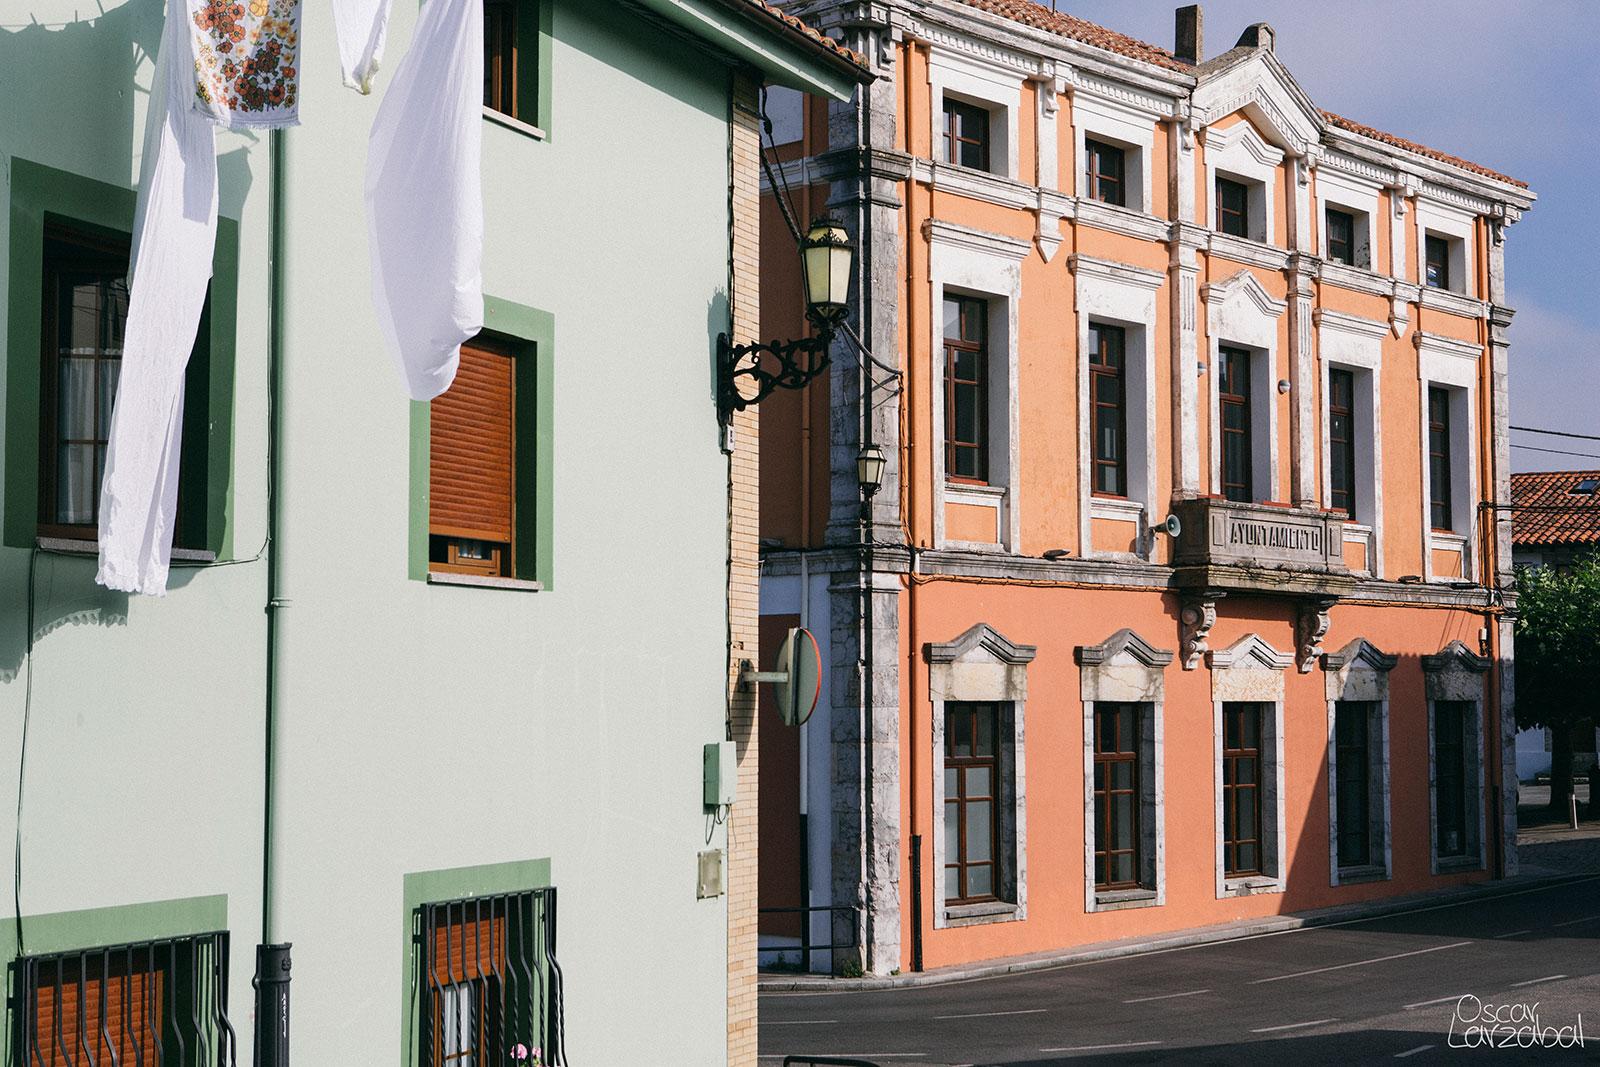 fotografo editorial Asturias Cantabria